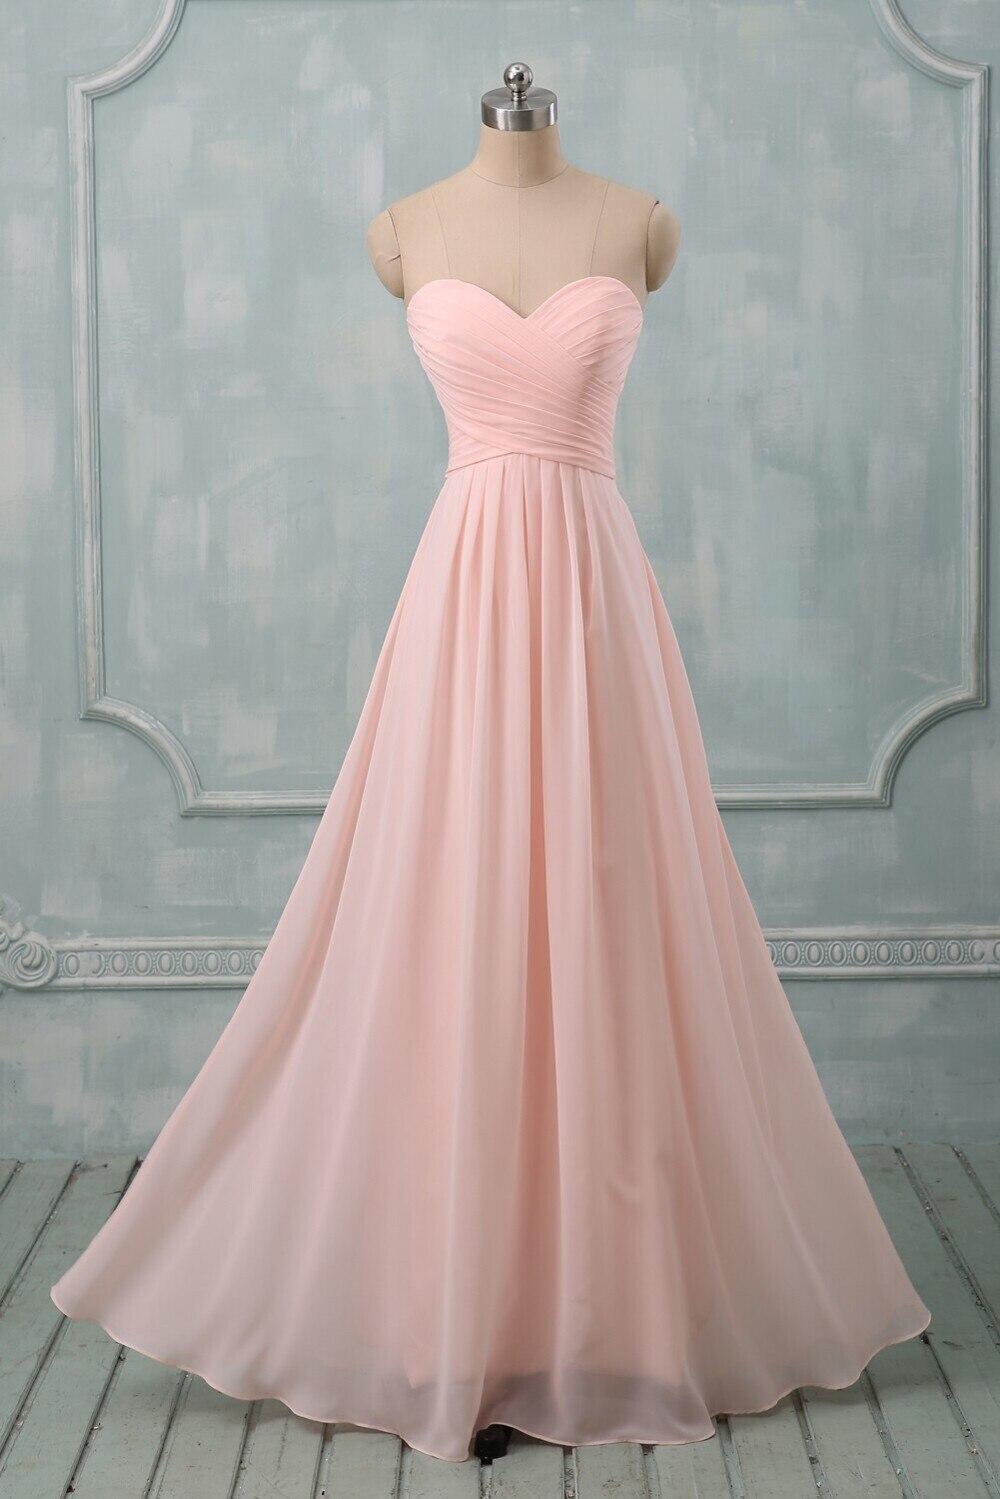 Günstige Pastell farben Prom Kleider Zu Hochzeit Lange A Line ...